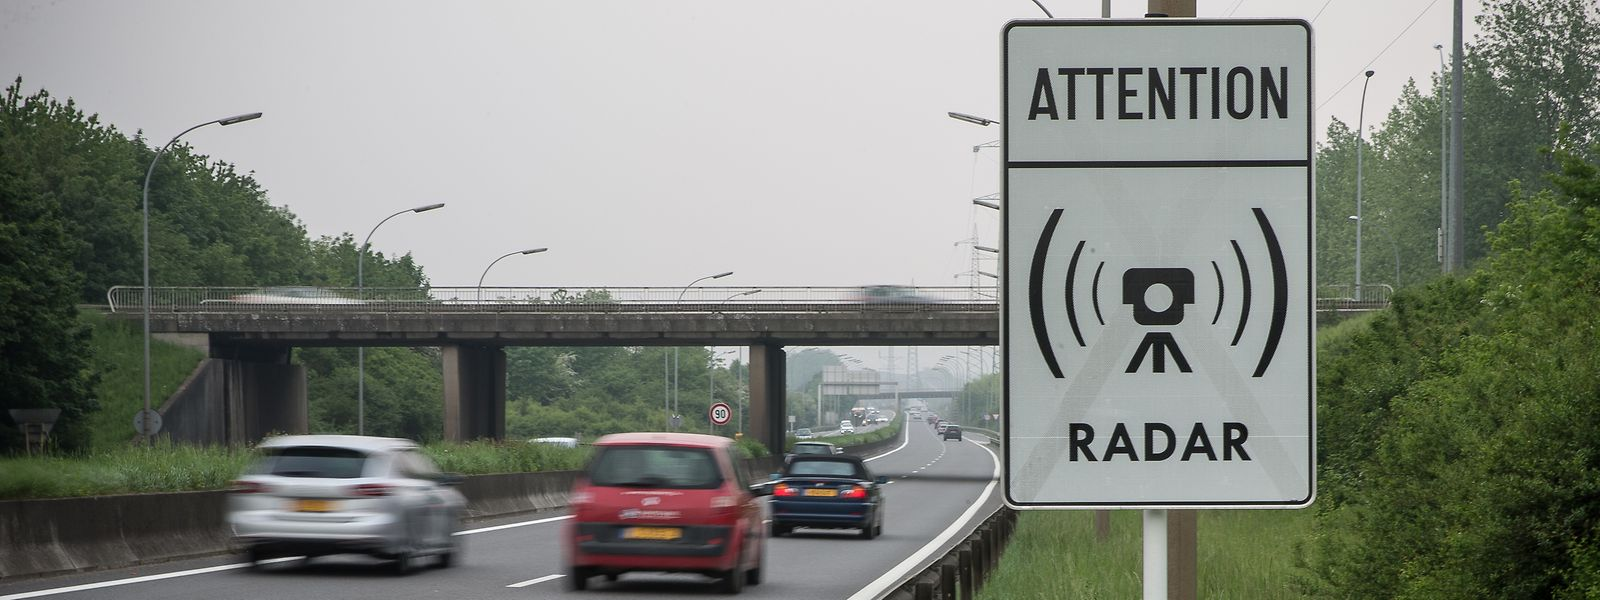 Radargeräte könnten künftig nicht nur auf Autobahnen und Landstraßen, sondern auch in Gemeinden aufgestellt werden. So will es zumindest eine Petition in der Chamber.